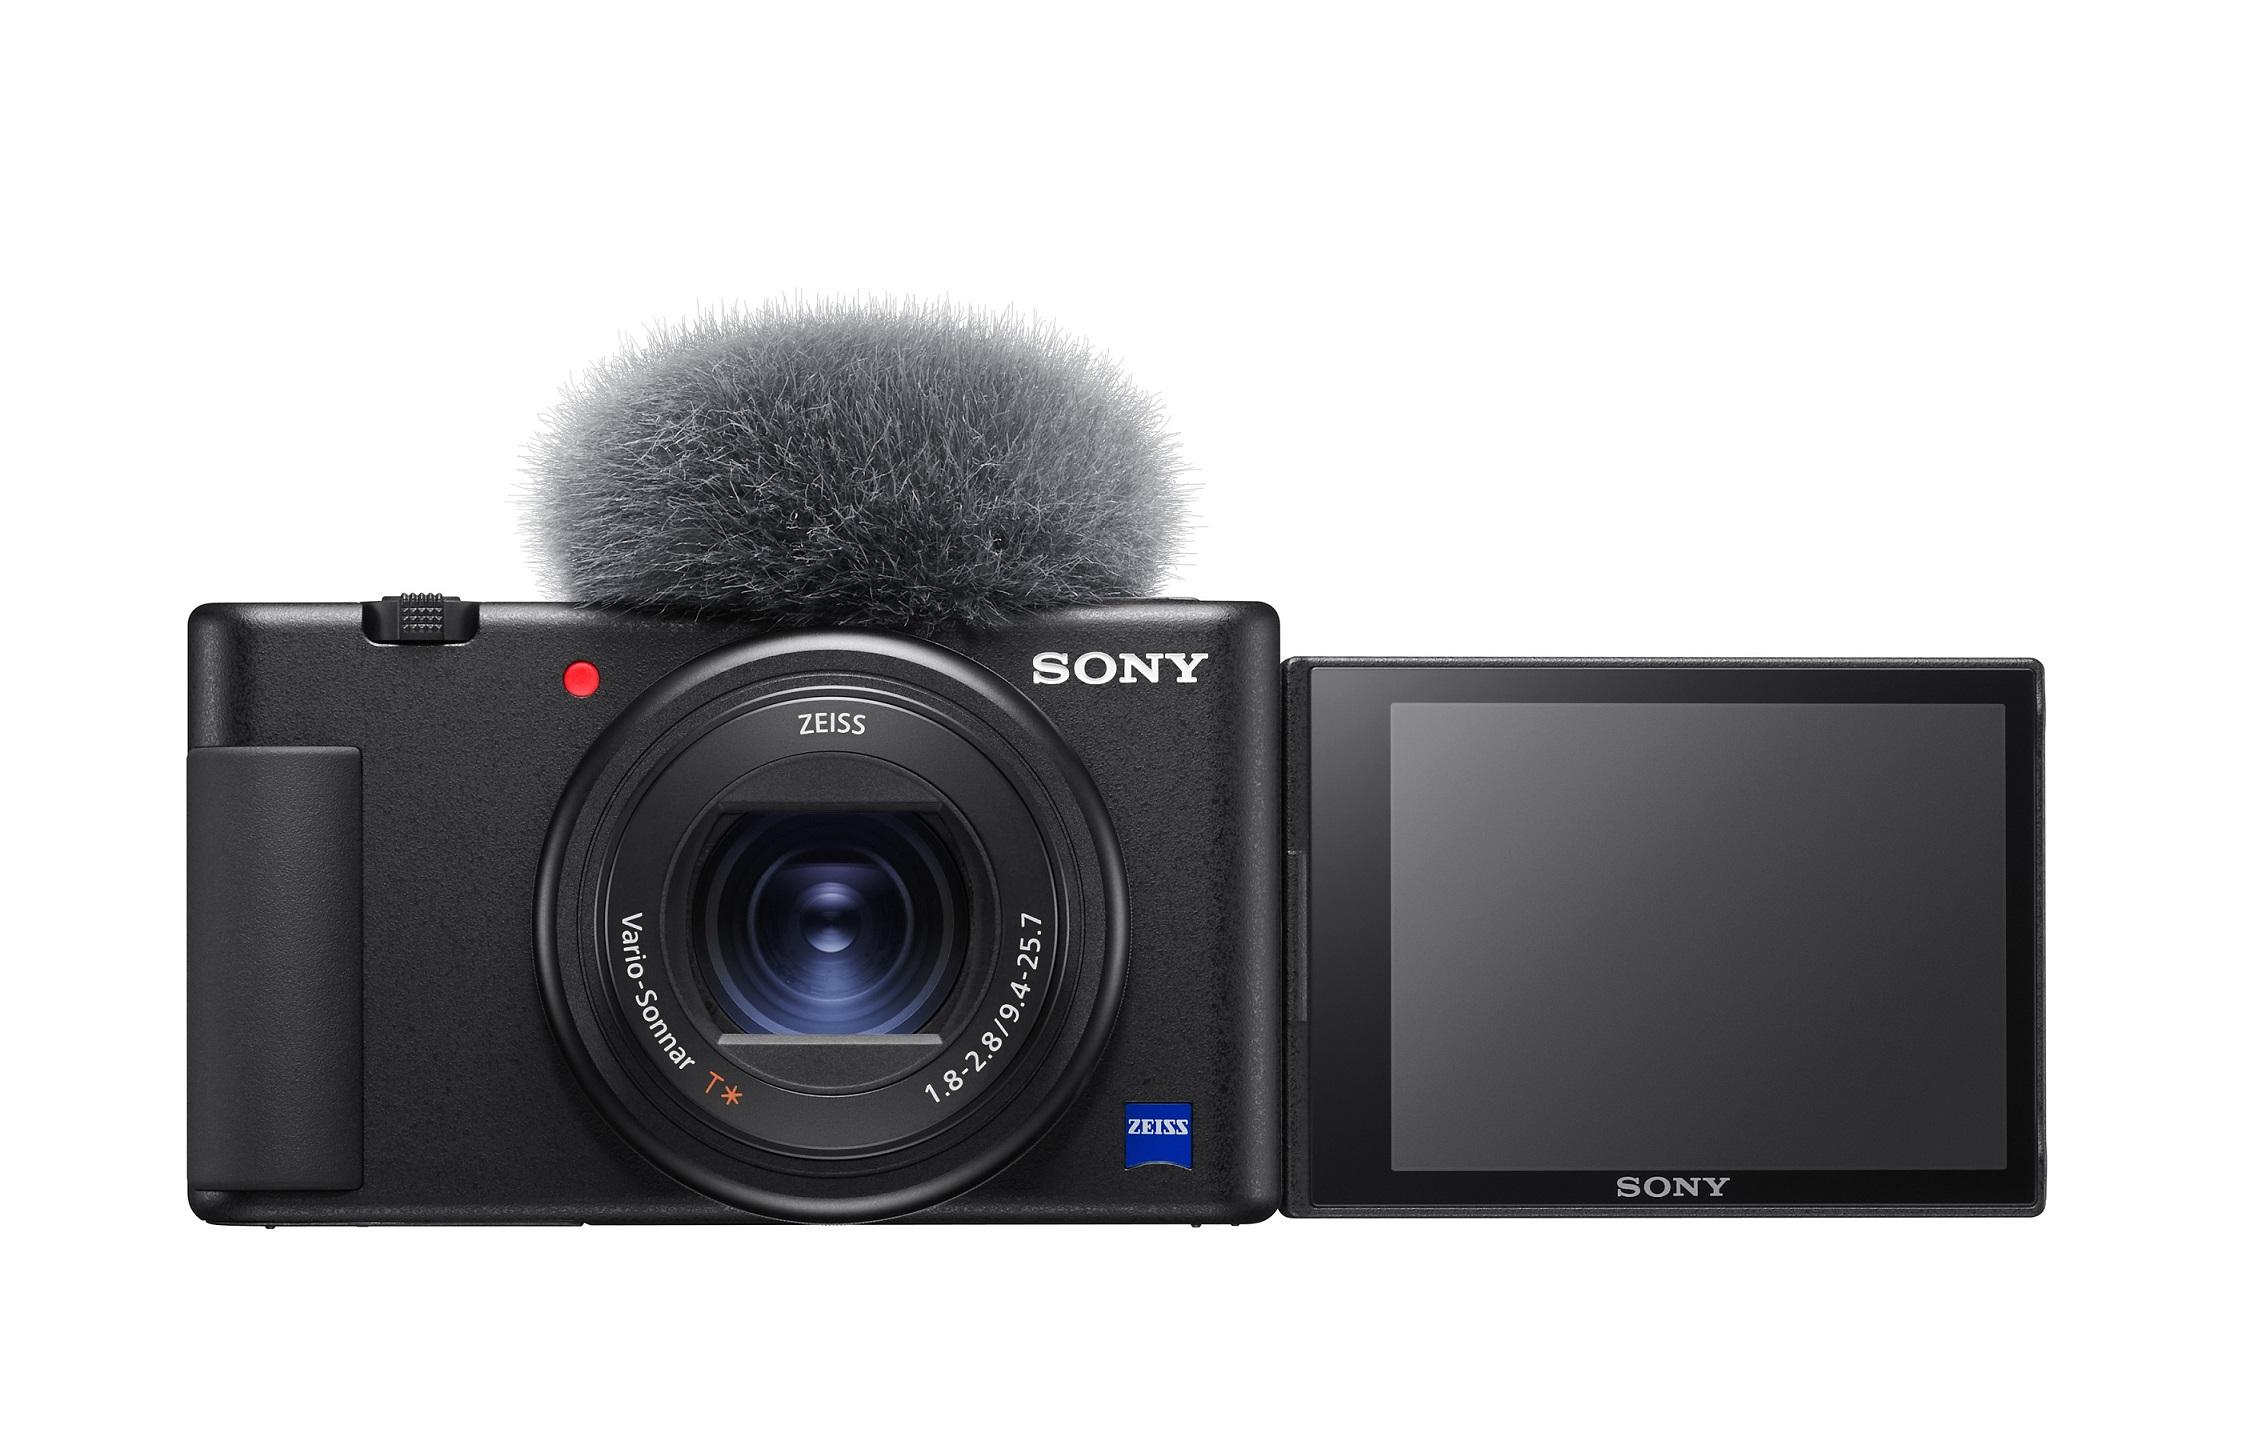 سوني الشرق الأوسط وإفريقيا تطرح الكاميرا الرقمية الجديدة  ZV-1 في دولة الإمارات والمصممة لإنشاء مدوّنات الفيديو